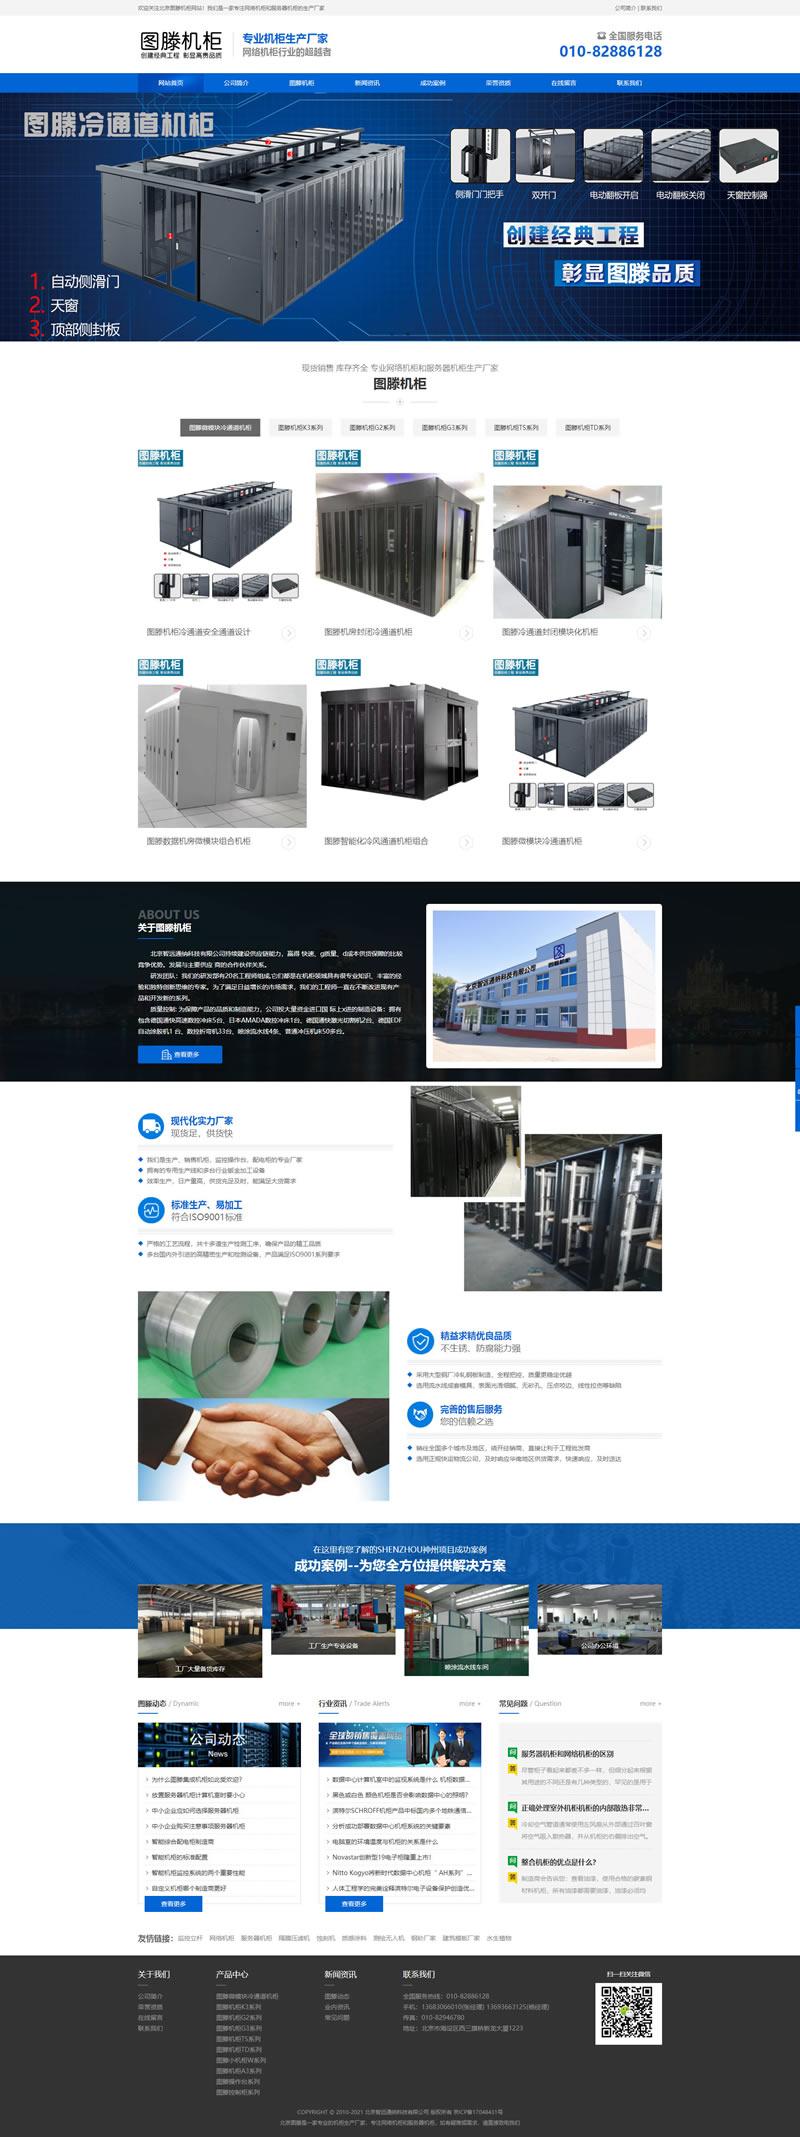 网络机柜营销型响应式网站